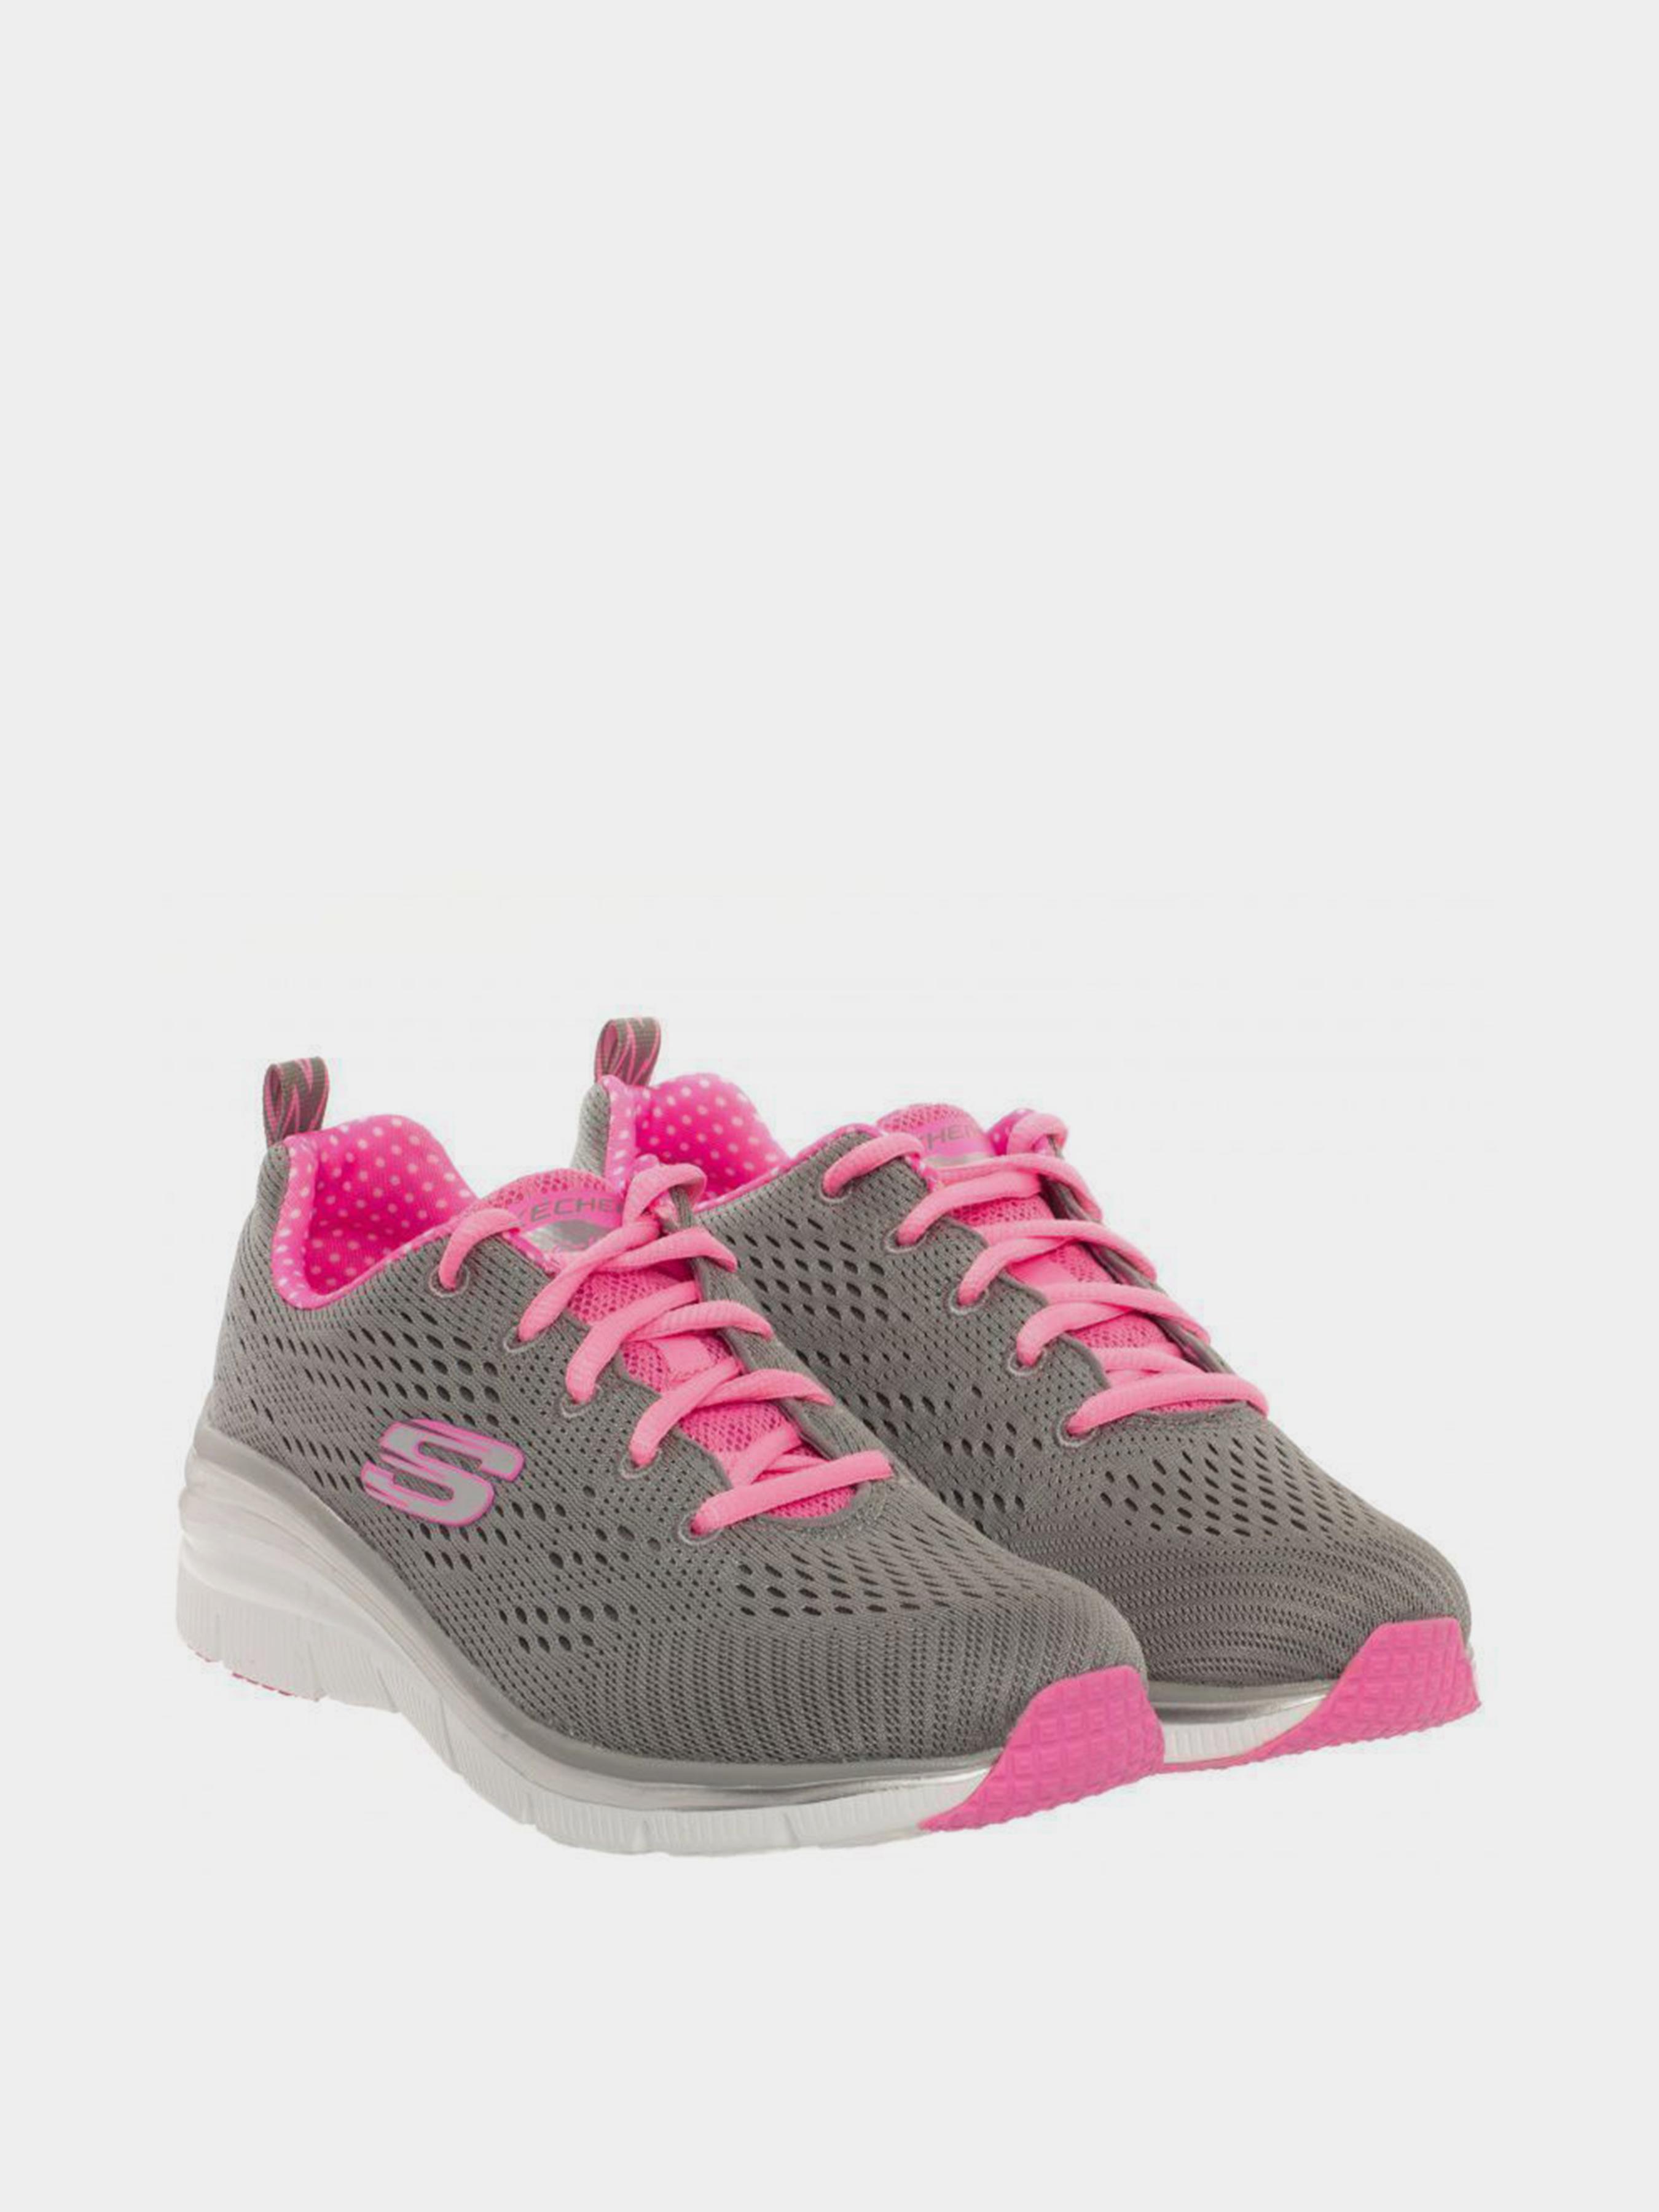 Кроссовки для женщин Skechers 12704 GYPK брендовая обувь, 2017